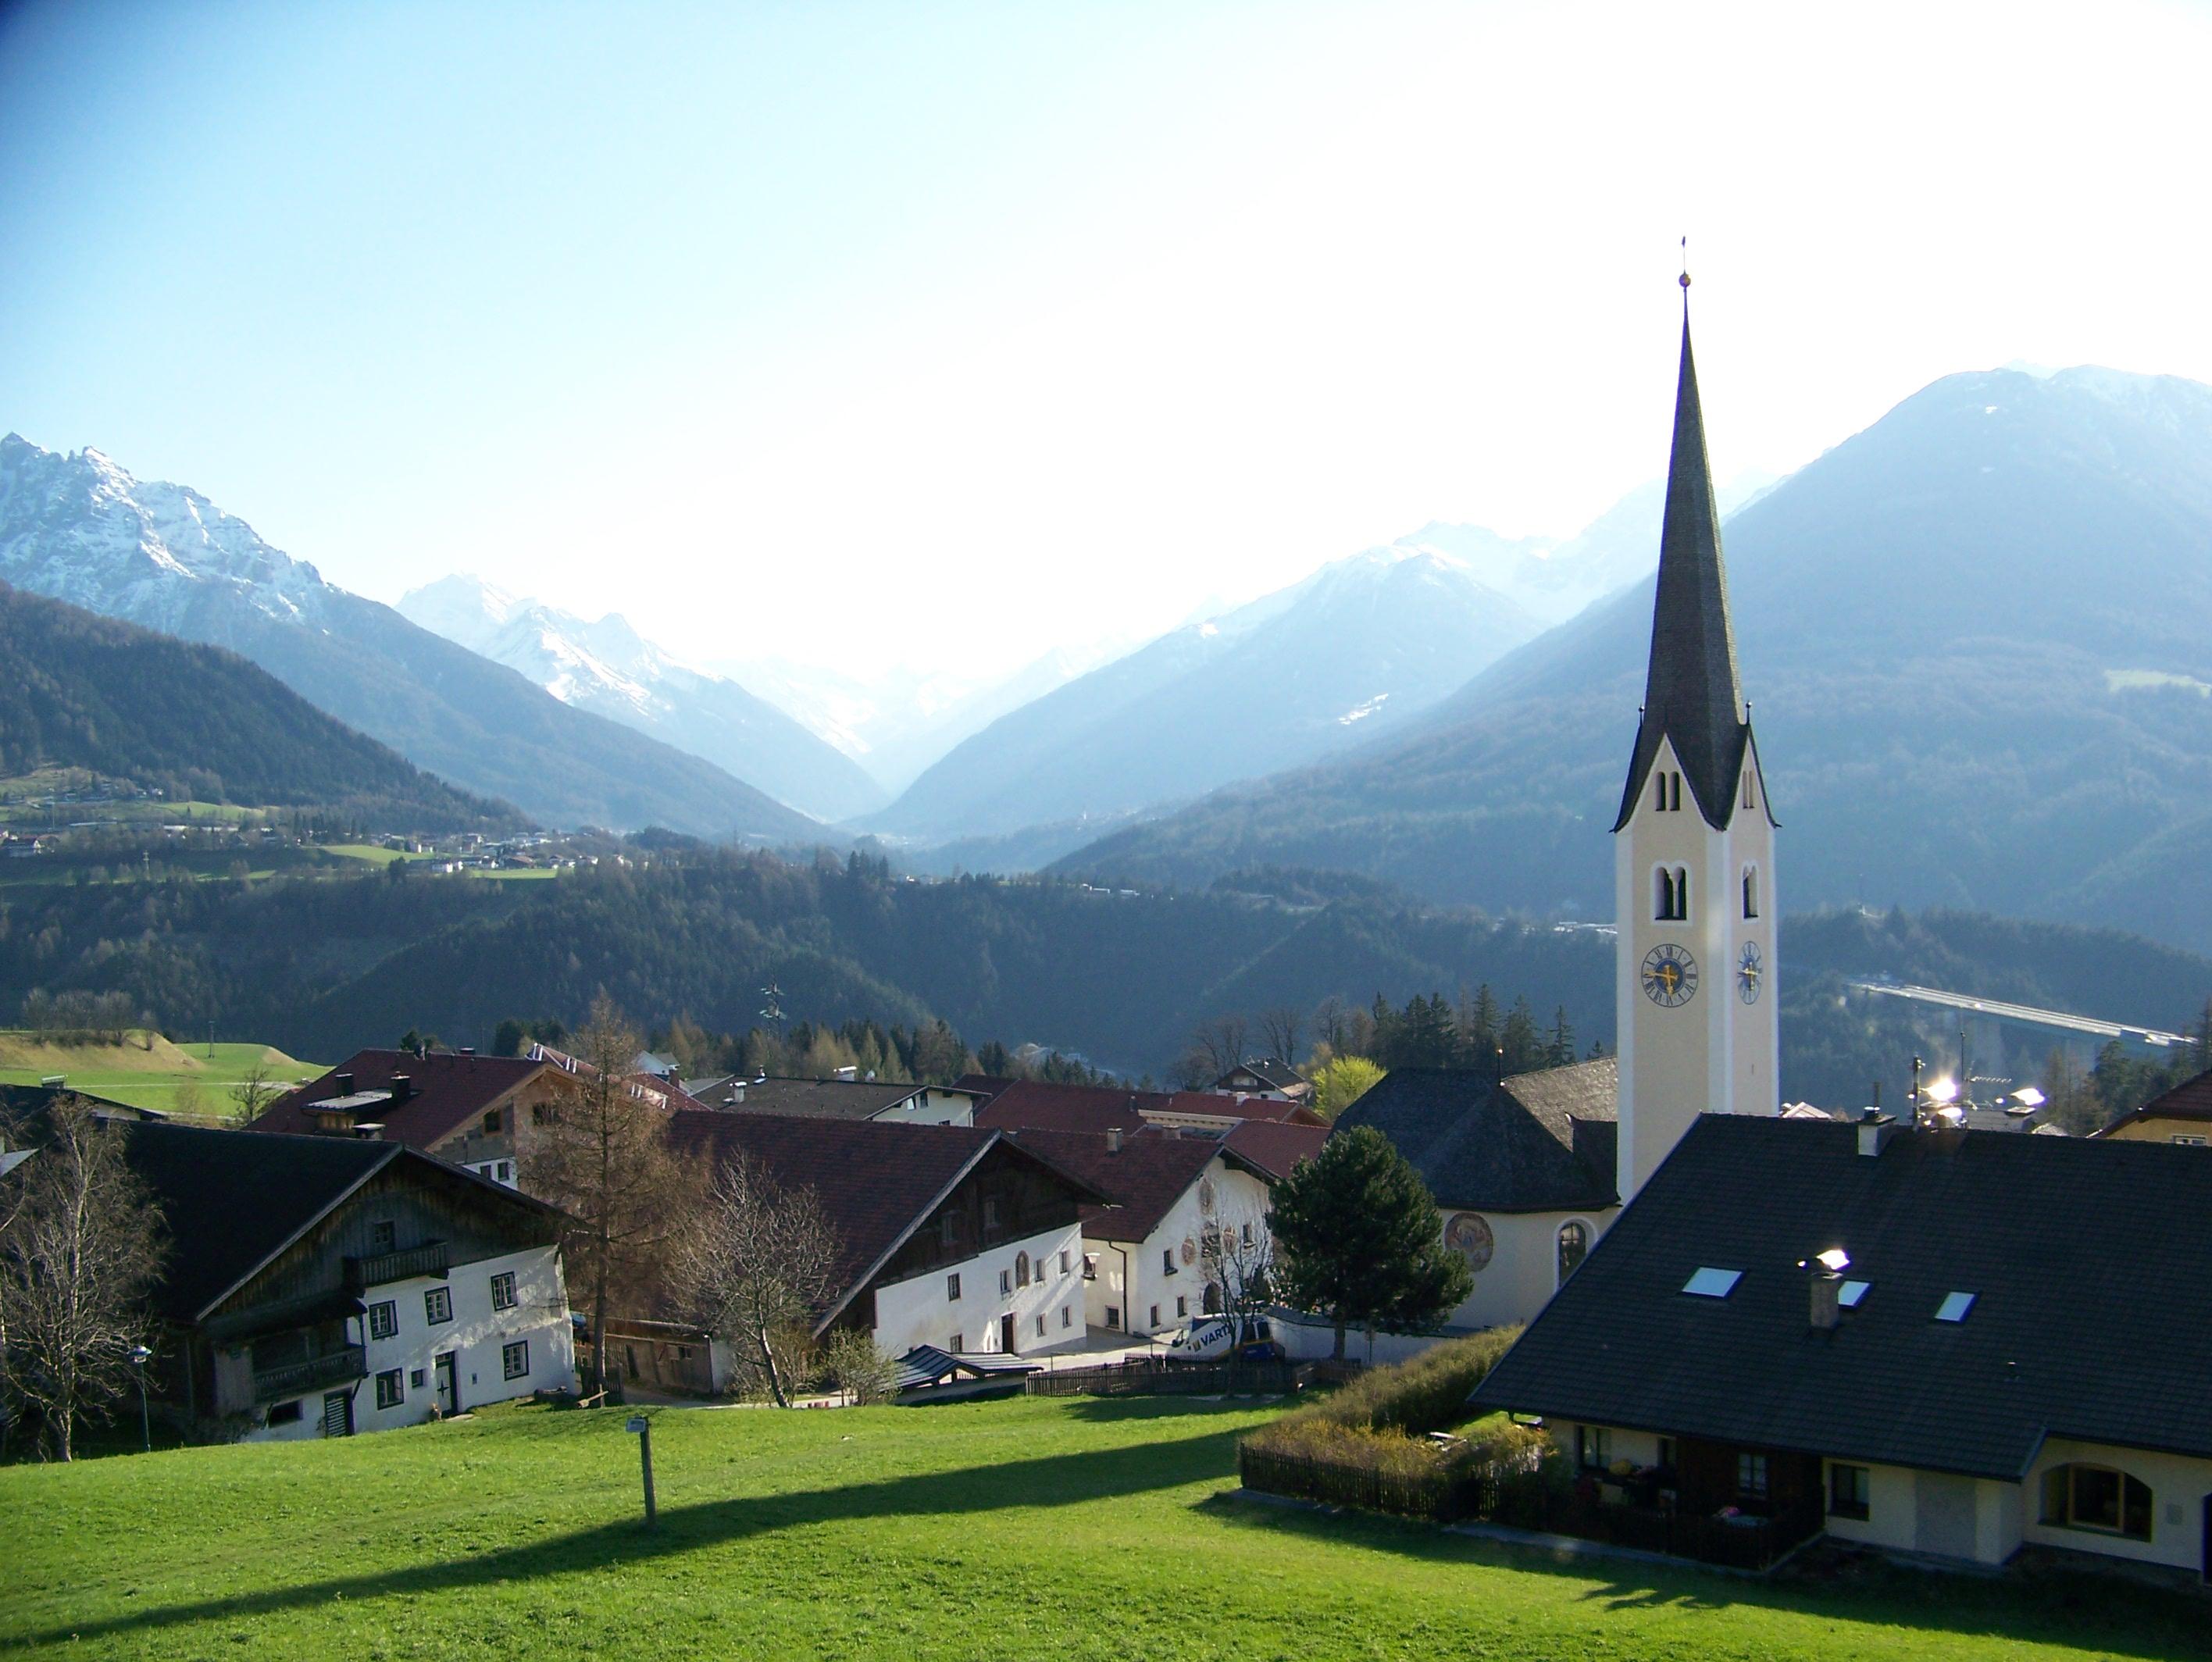 Patsch Austria  City pictures : Description Patsch